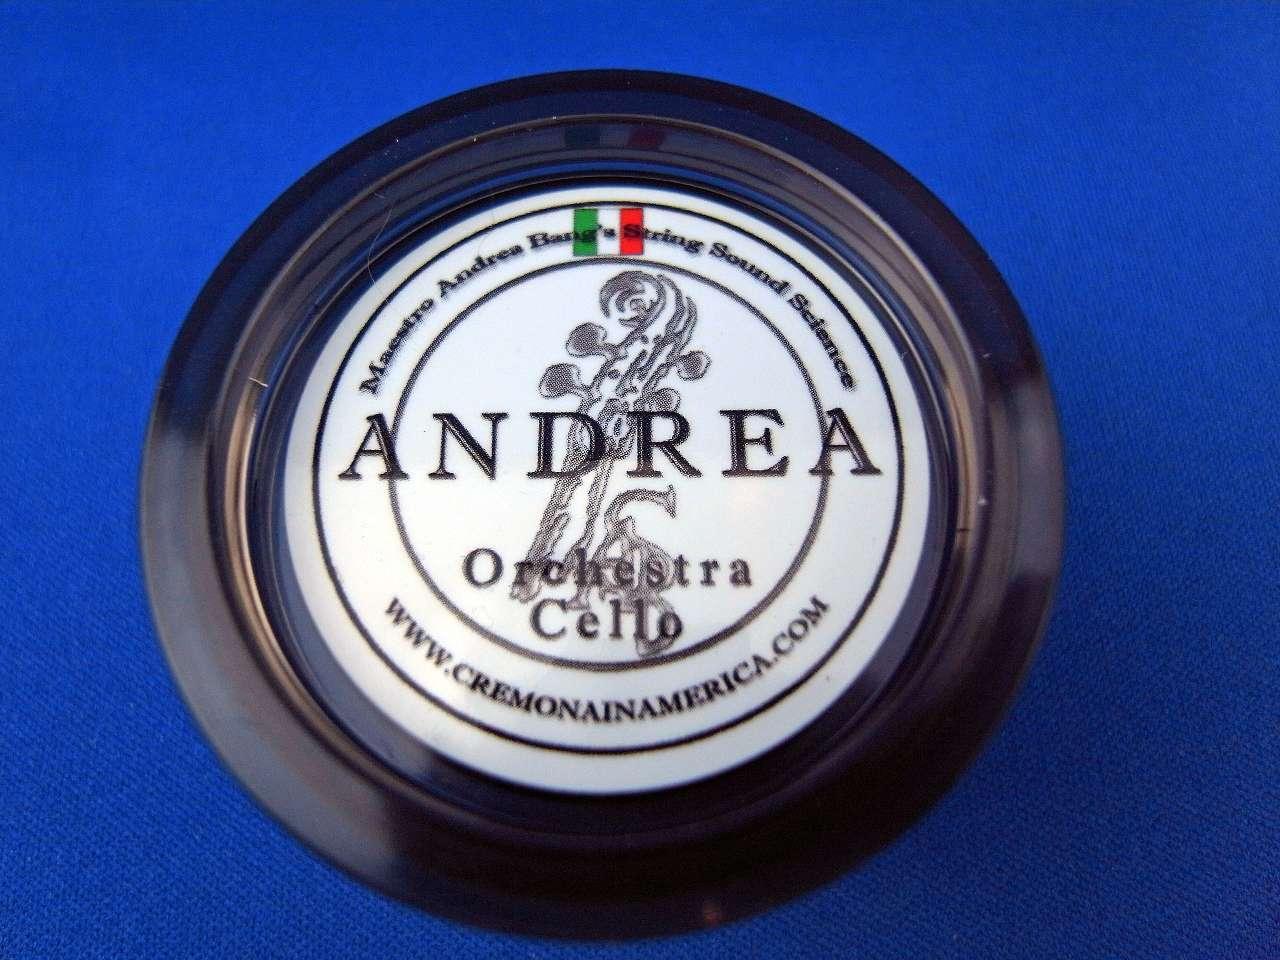 画像1: アンドレア・ロジン「オーケストラ・チェロ」 Andrea Rosin「Orchestra Cello」